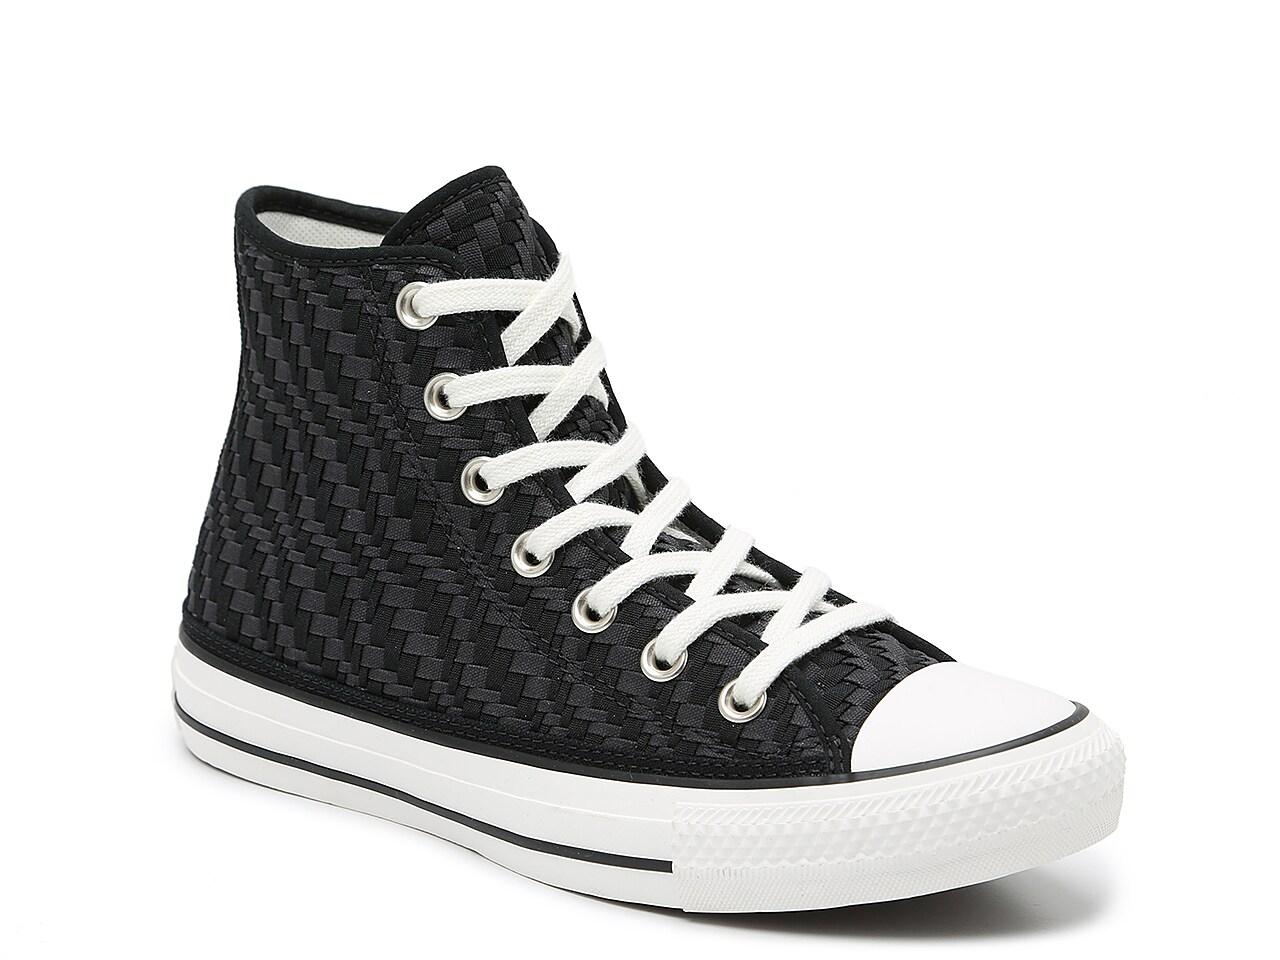 Converse Chuck Taylor All Star Woven High-Top Sneaker - Women's